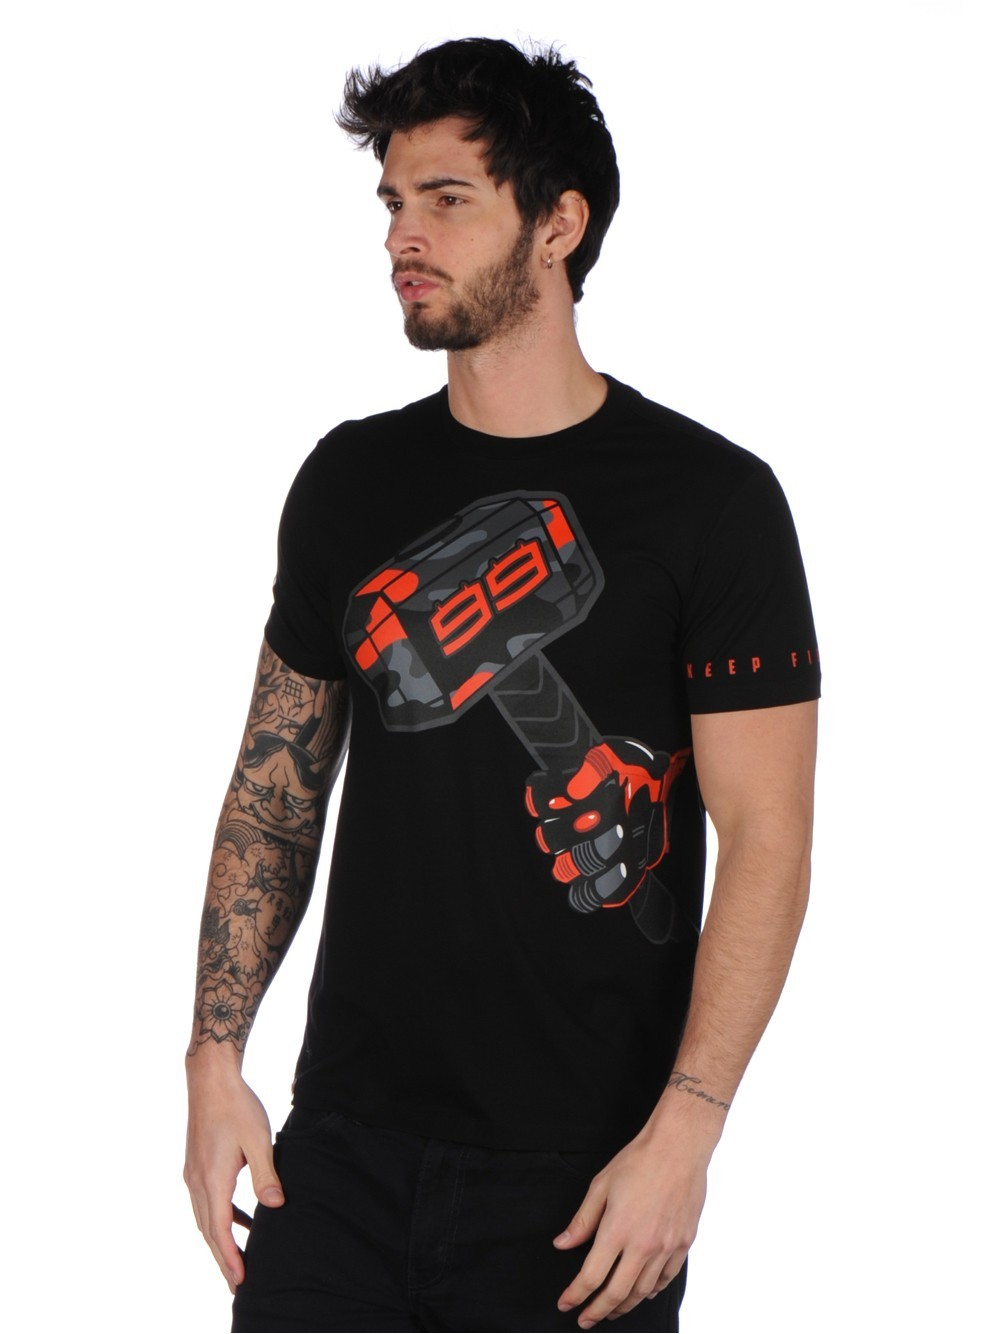 Frete grátis moto gp jorge lorenzo 99 moto martelo motor esportes verão masculino camiseta preto